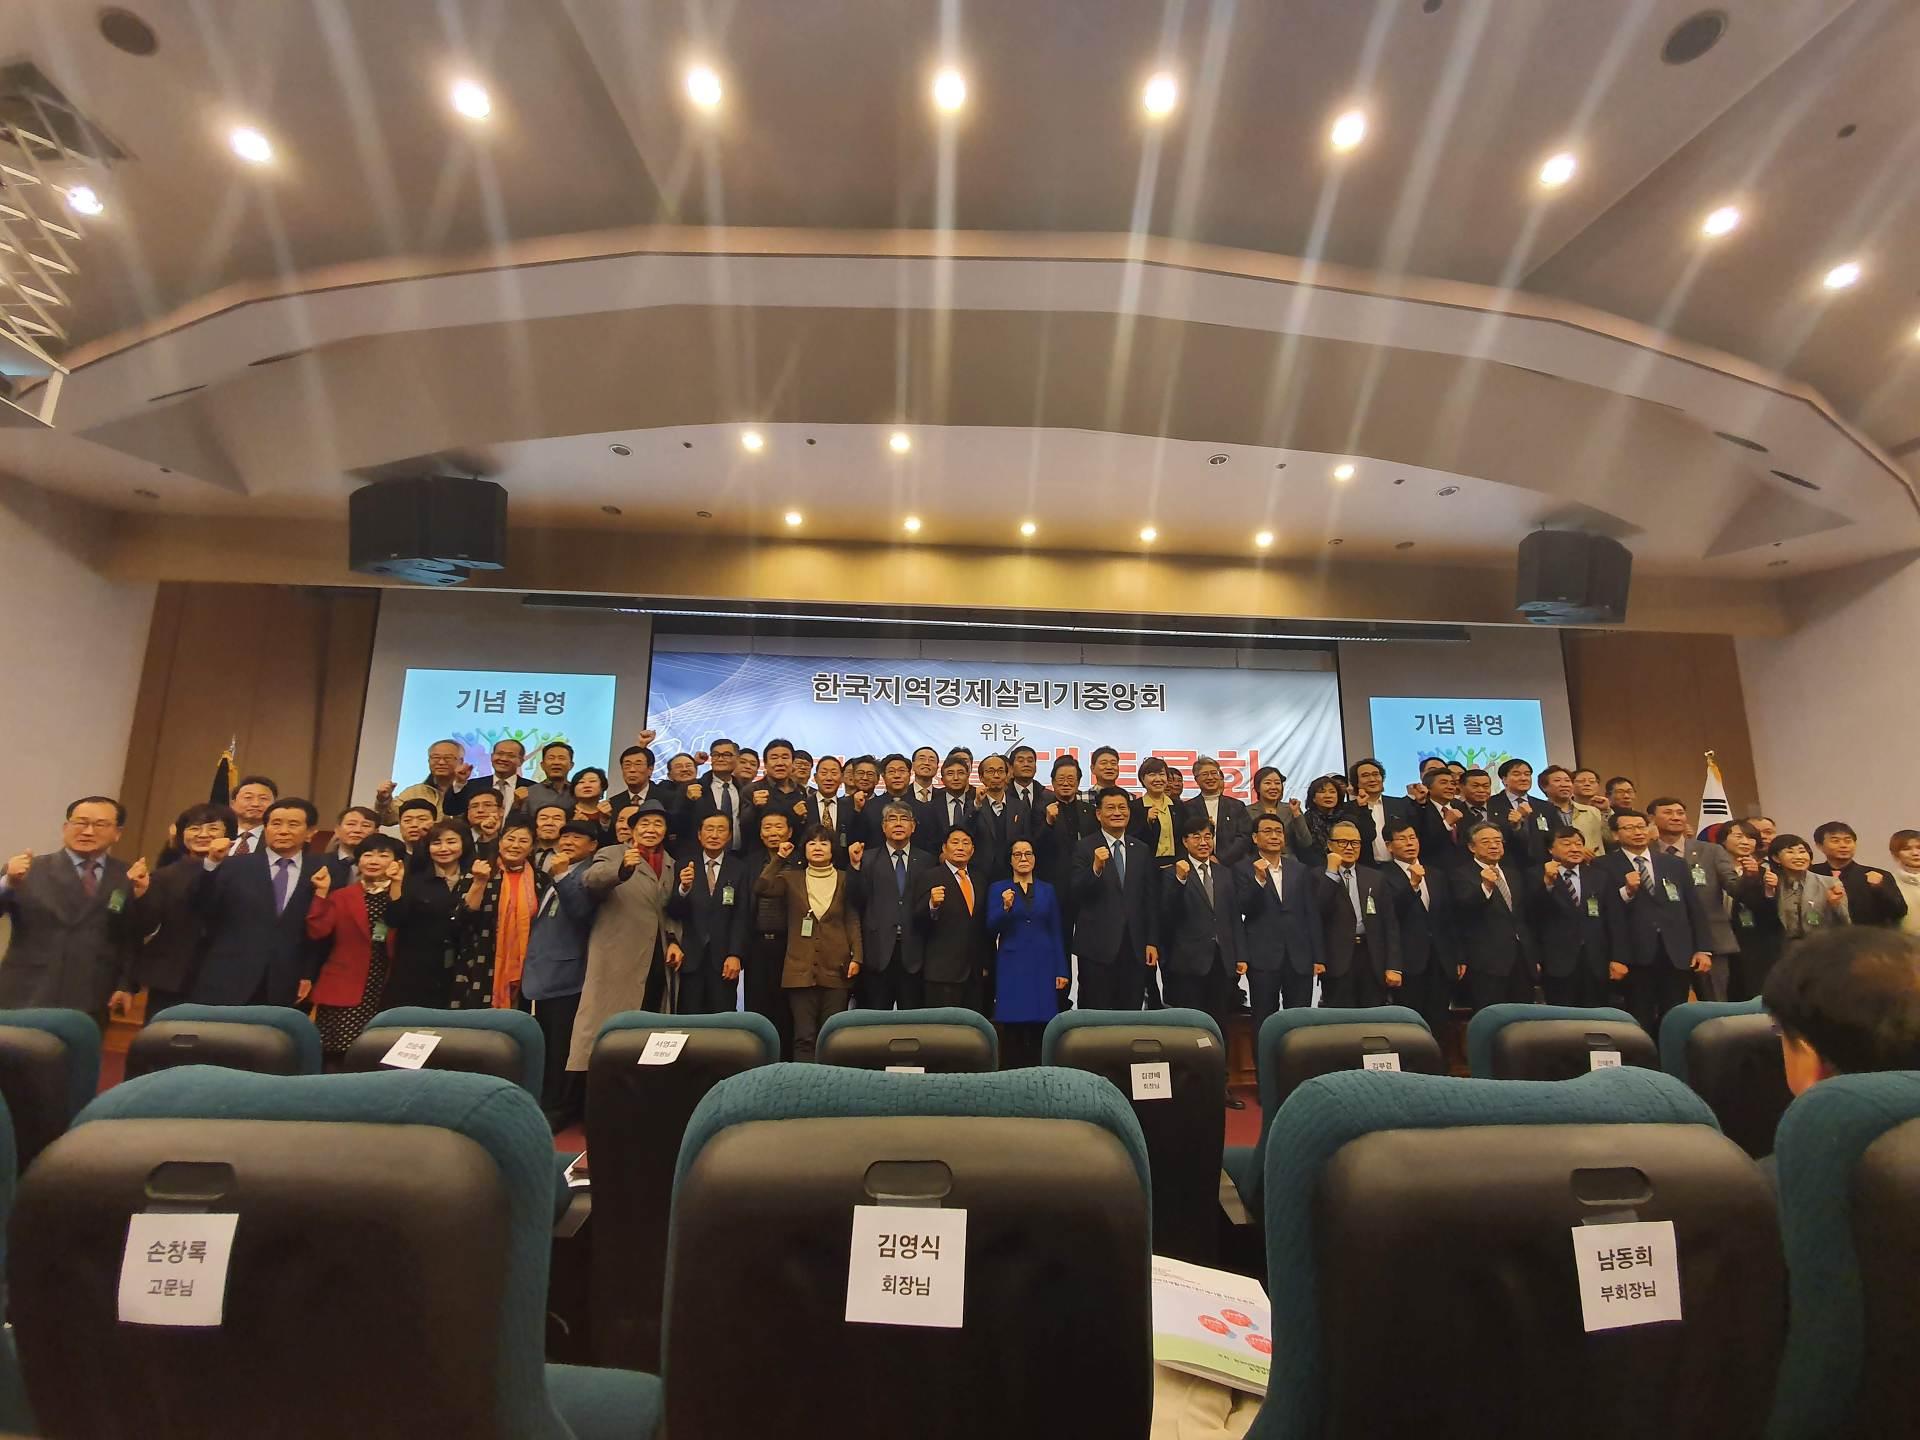 사)한국지역경제살리기중앙회, 국회 도서관서 출범식 및 대토론회 개최해